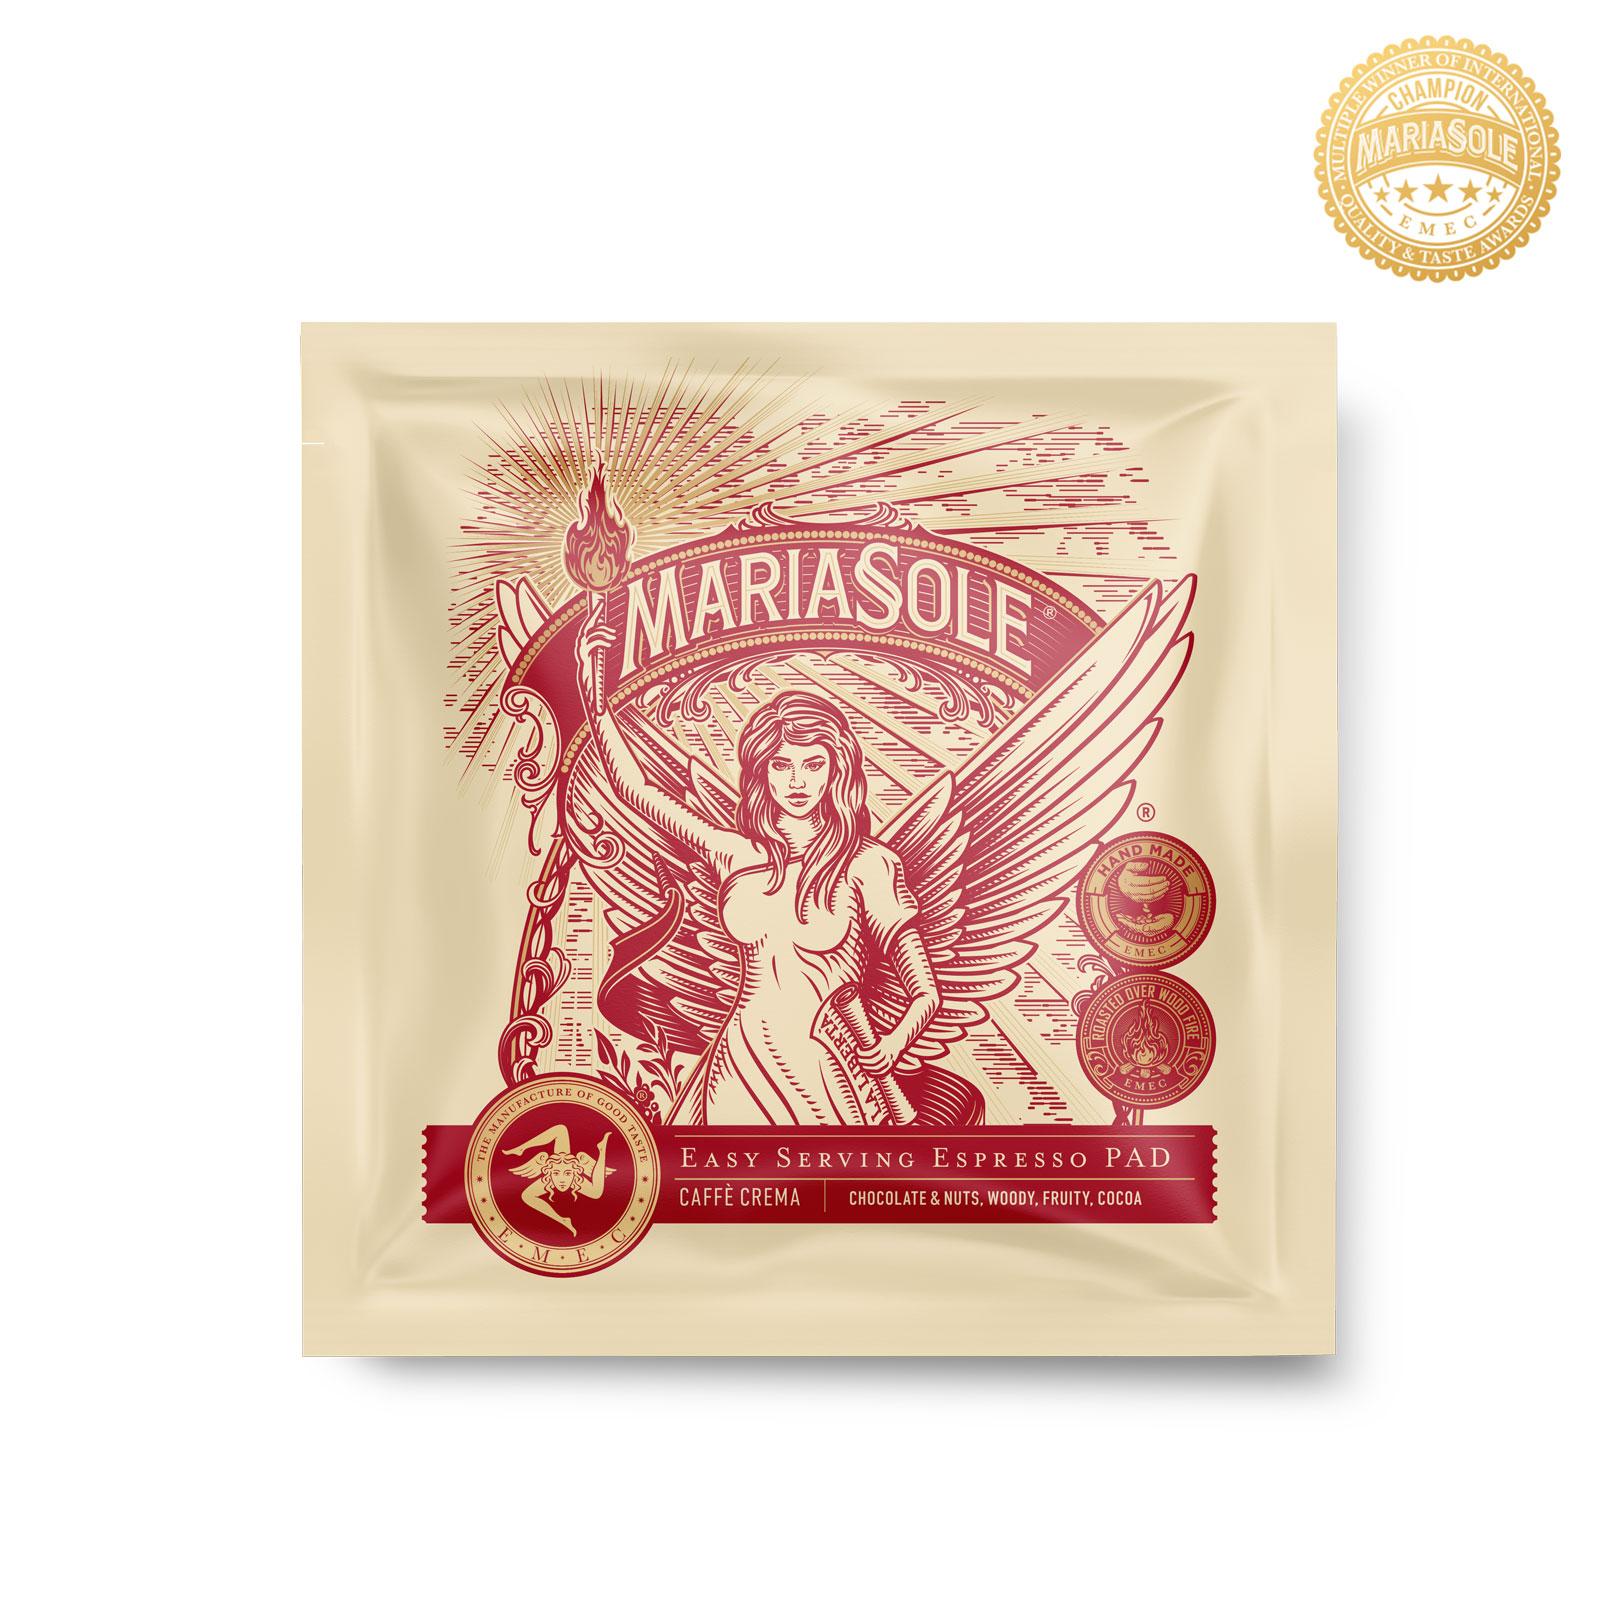 MARIASOLE - Caffè Crema - E.S.E Pads LUNGO